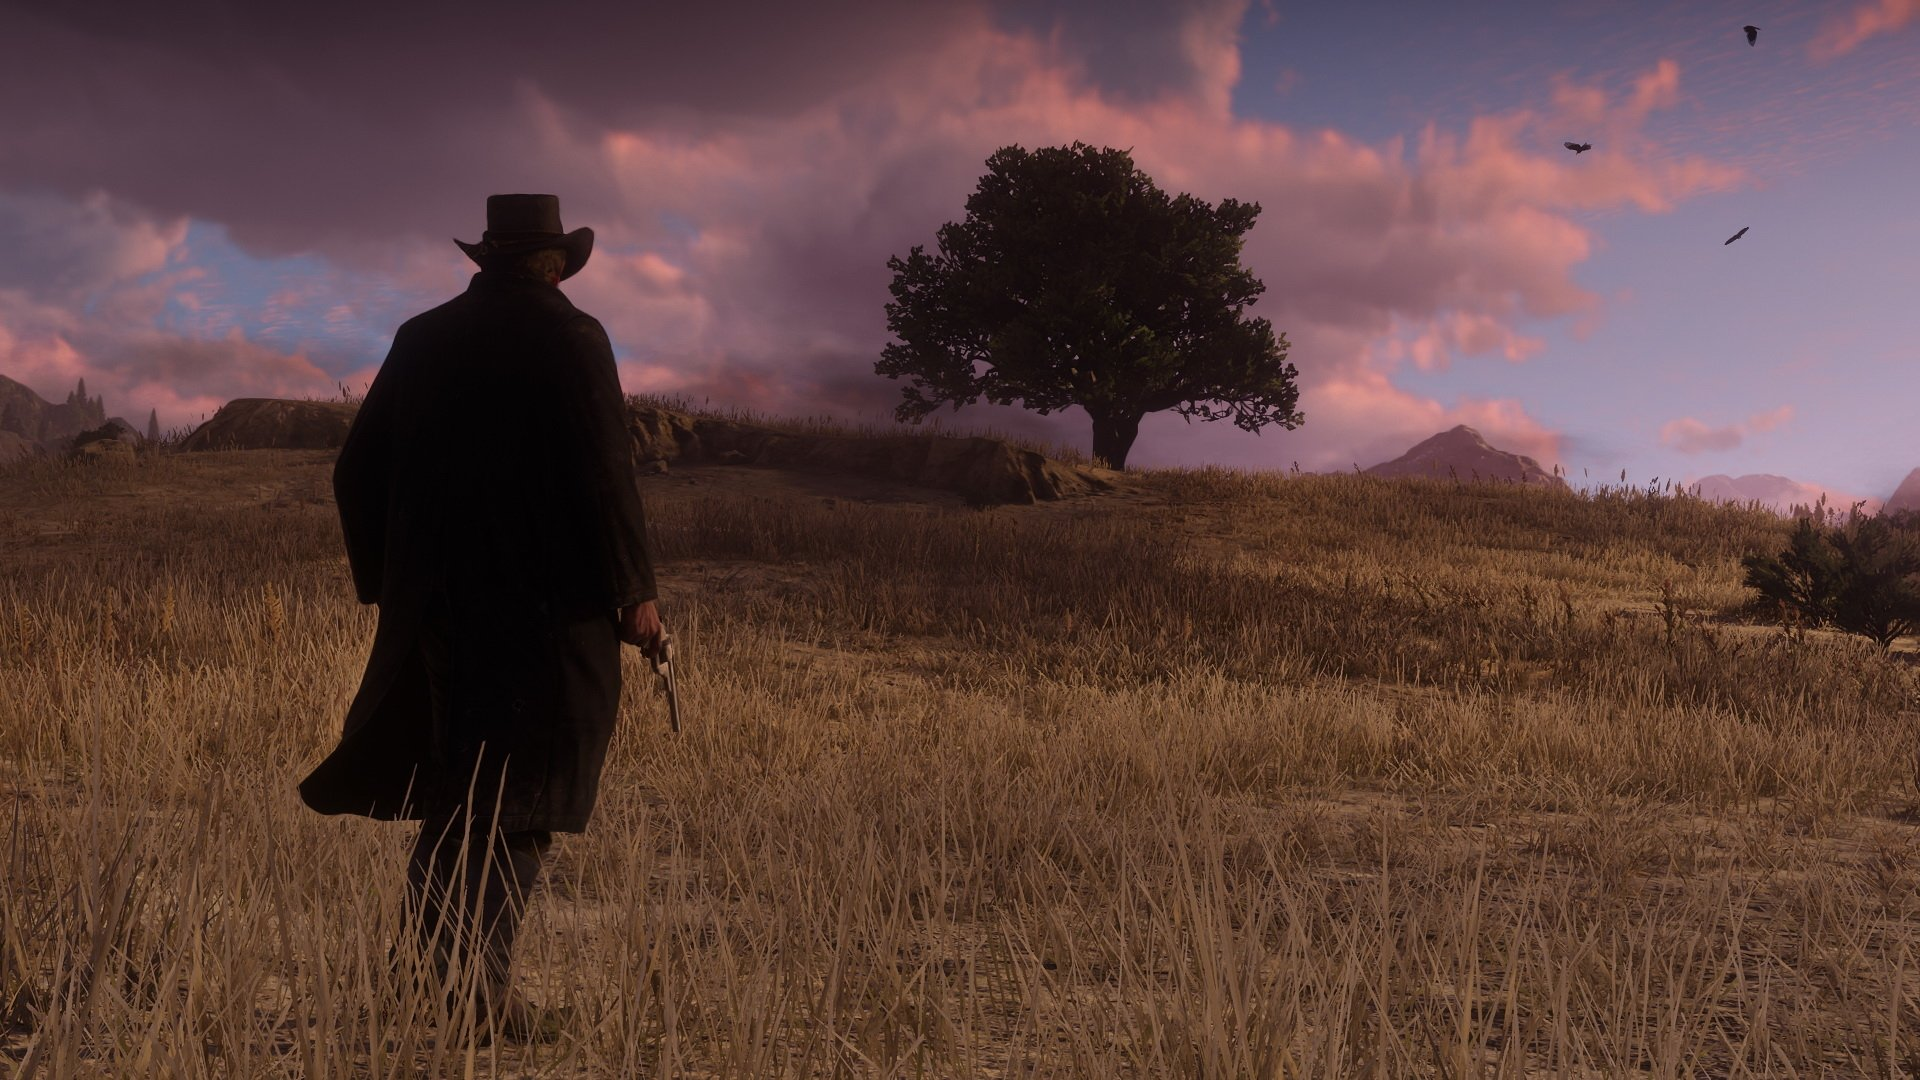 Ipad Retina Hd Wallpaper Rockstar Games: Imágenes Y Fondos De Red Dead Redemption 2, Wallpapers Gratis